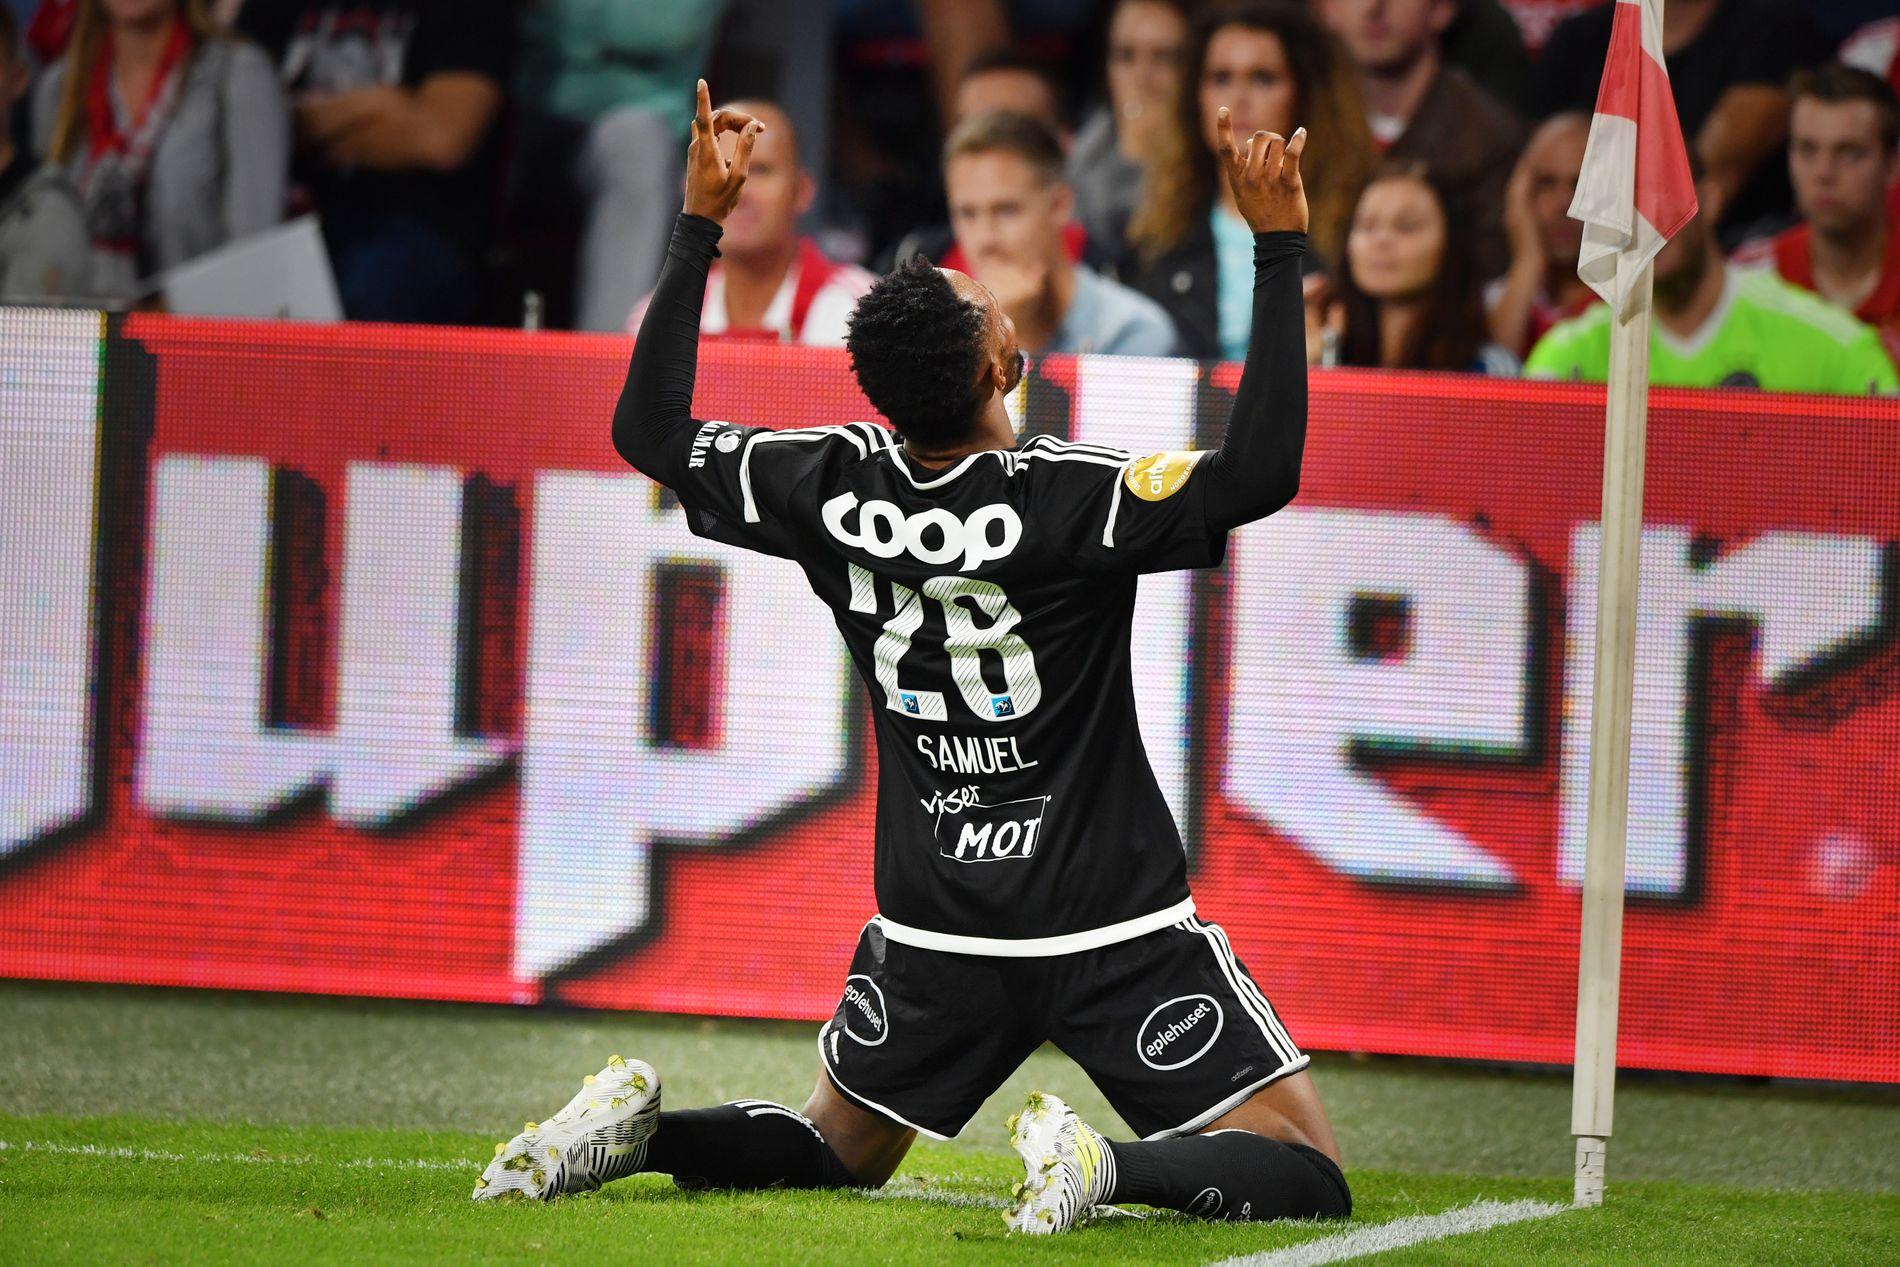 BORTE BEST: Samuel Adegbenro jublet slik etter at han ble matchvinner for Rosenborg mot Ajax i Amsterdam i første kamp i play off til  Europa League.